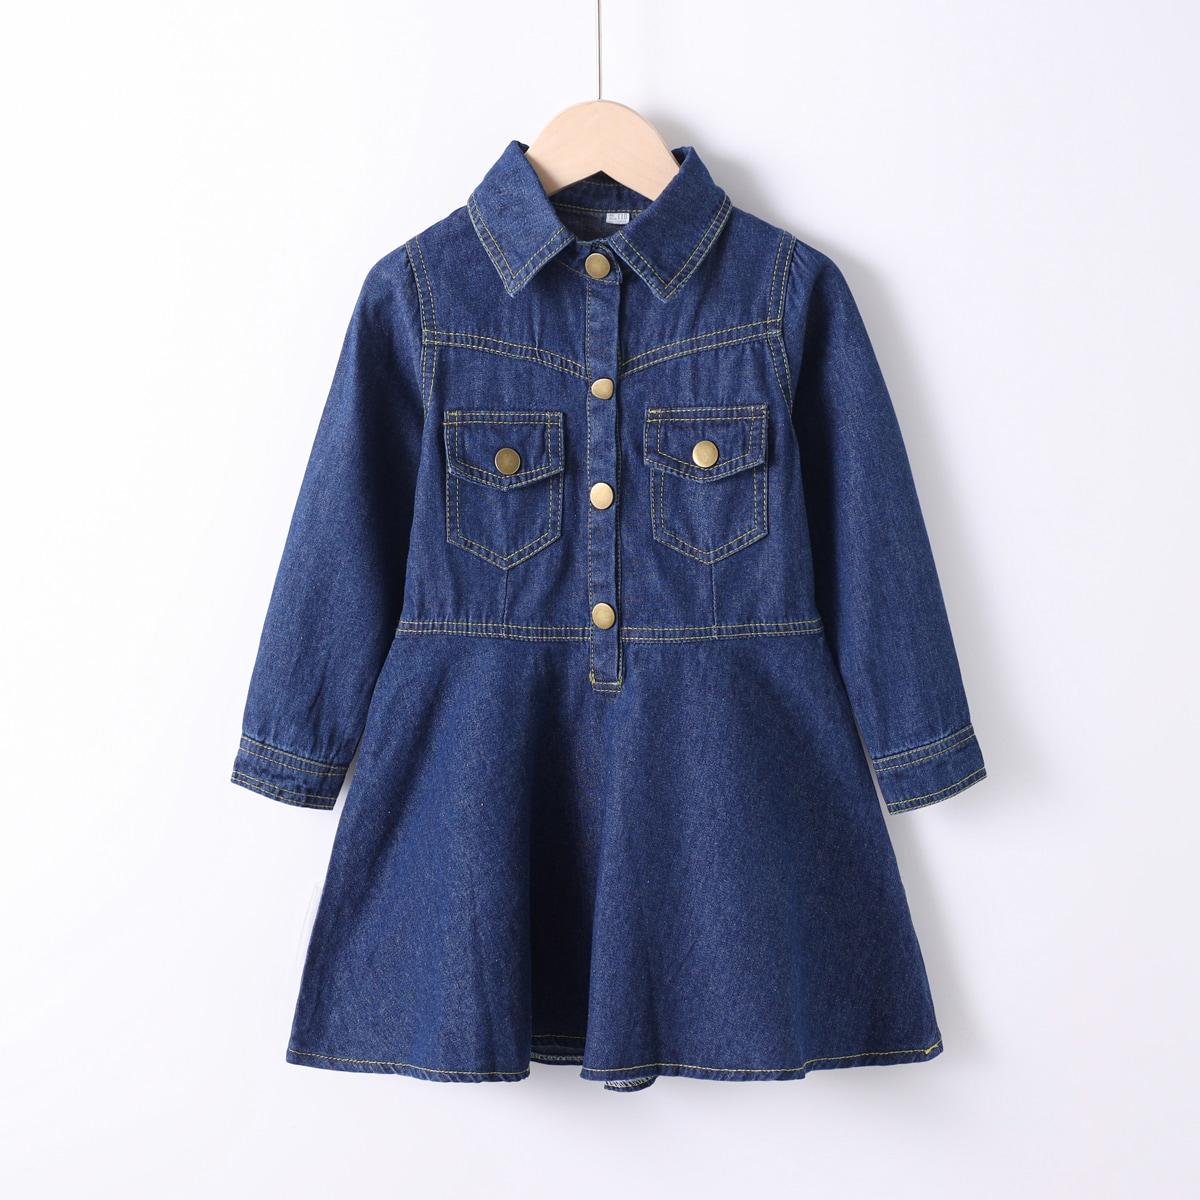 для девочек на пуговицах Джинсовая рубашка Платье SheIn sk2107058449174521